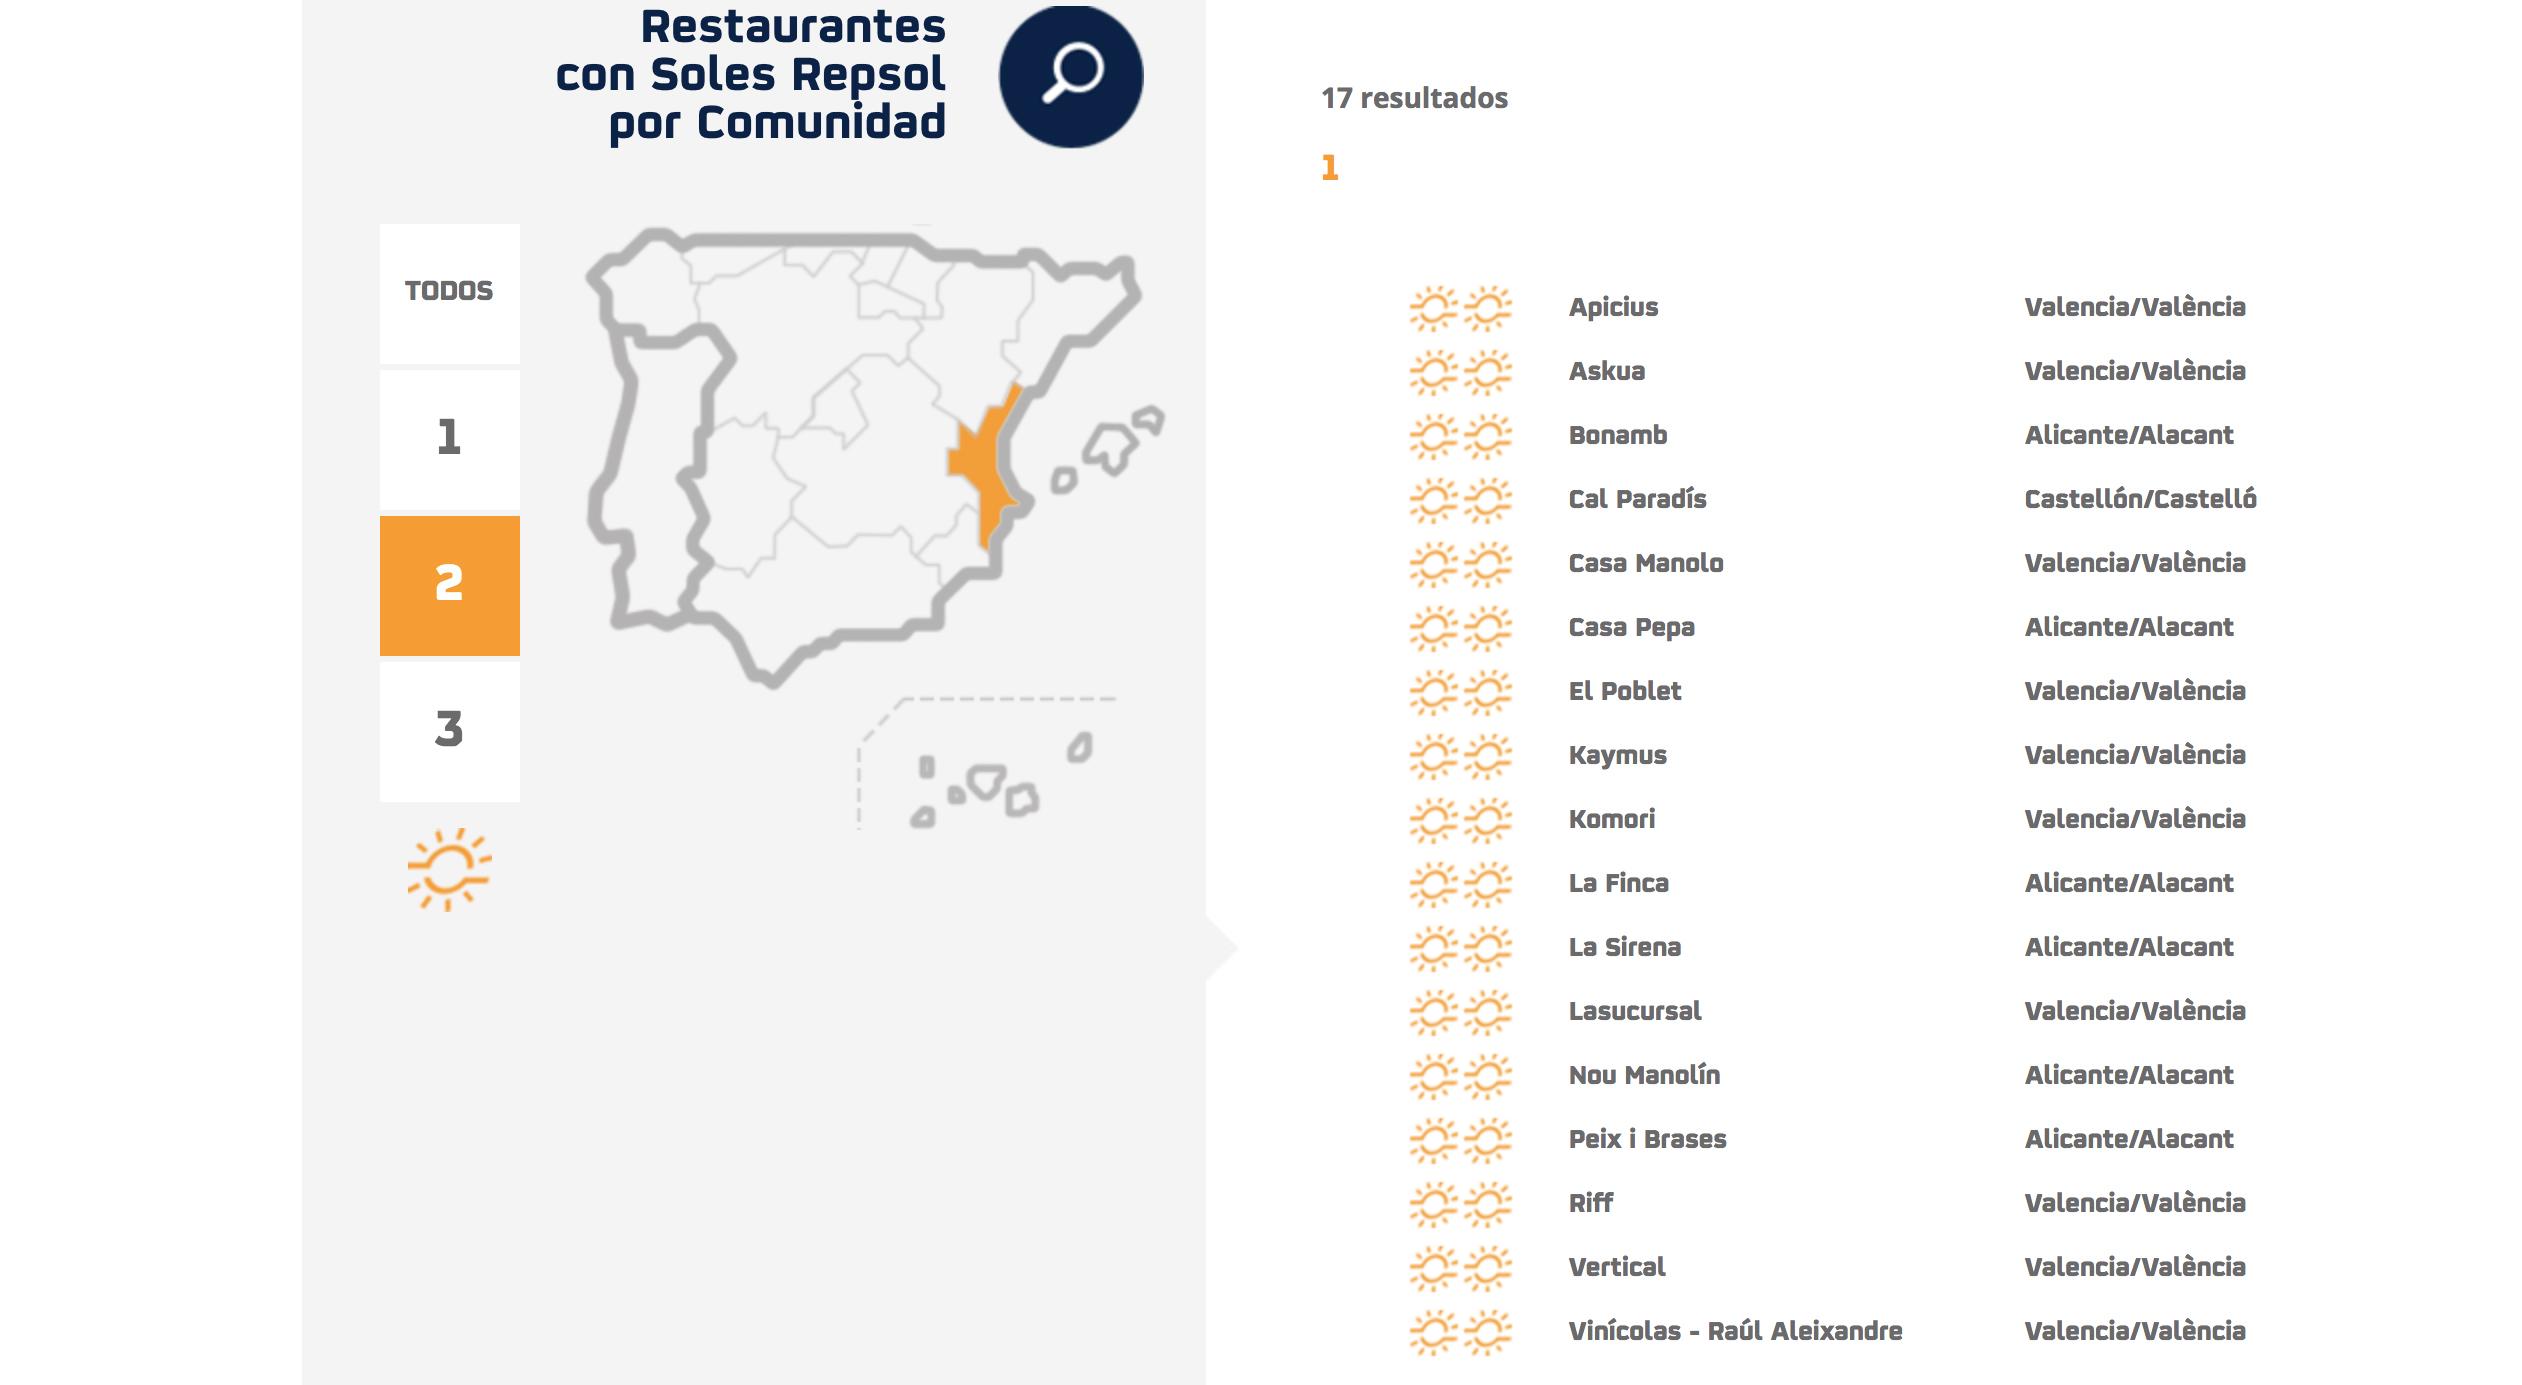 El restaurante Nou Manolín obtiene Dos Soles en la Guía Repsol de 2018